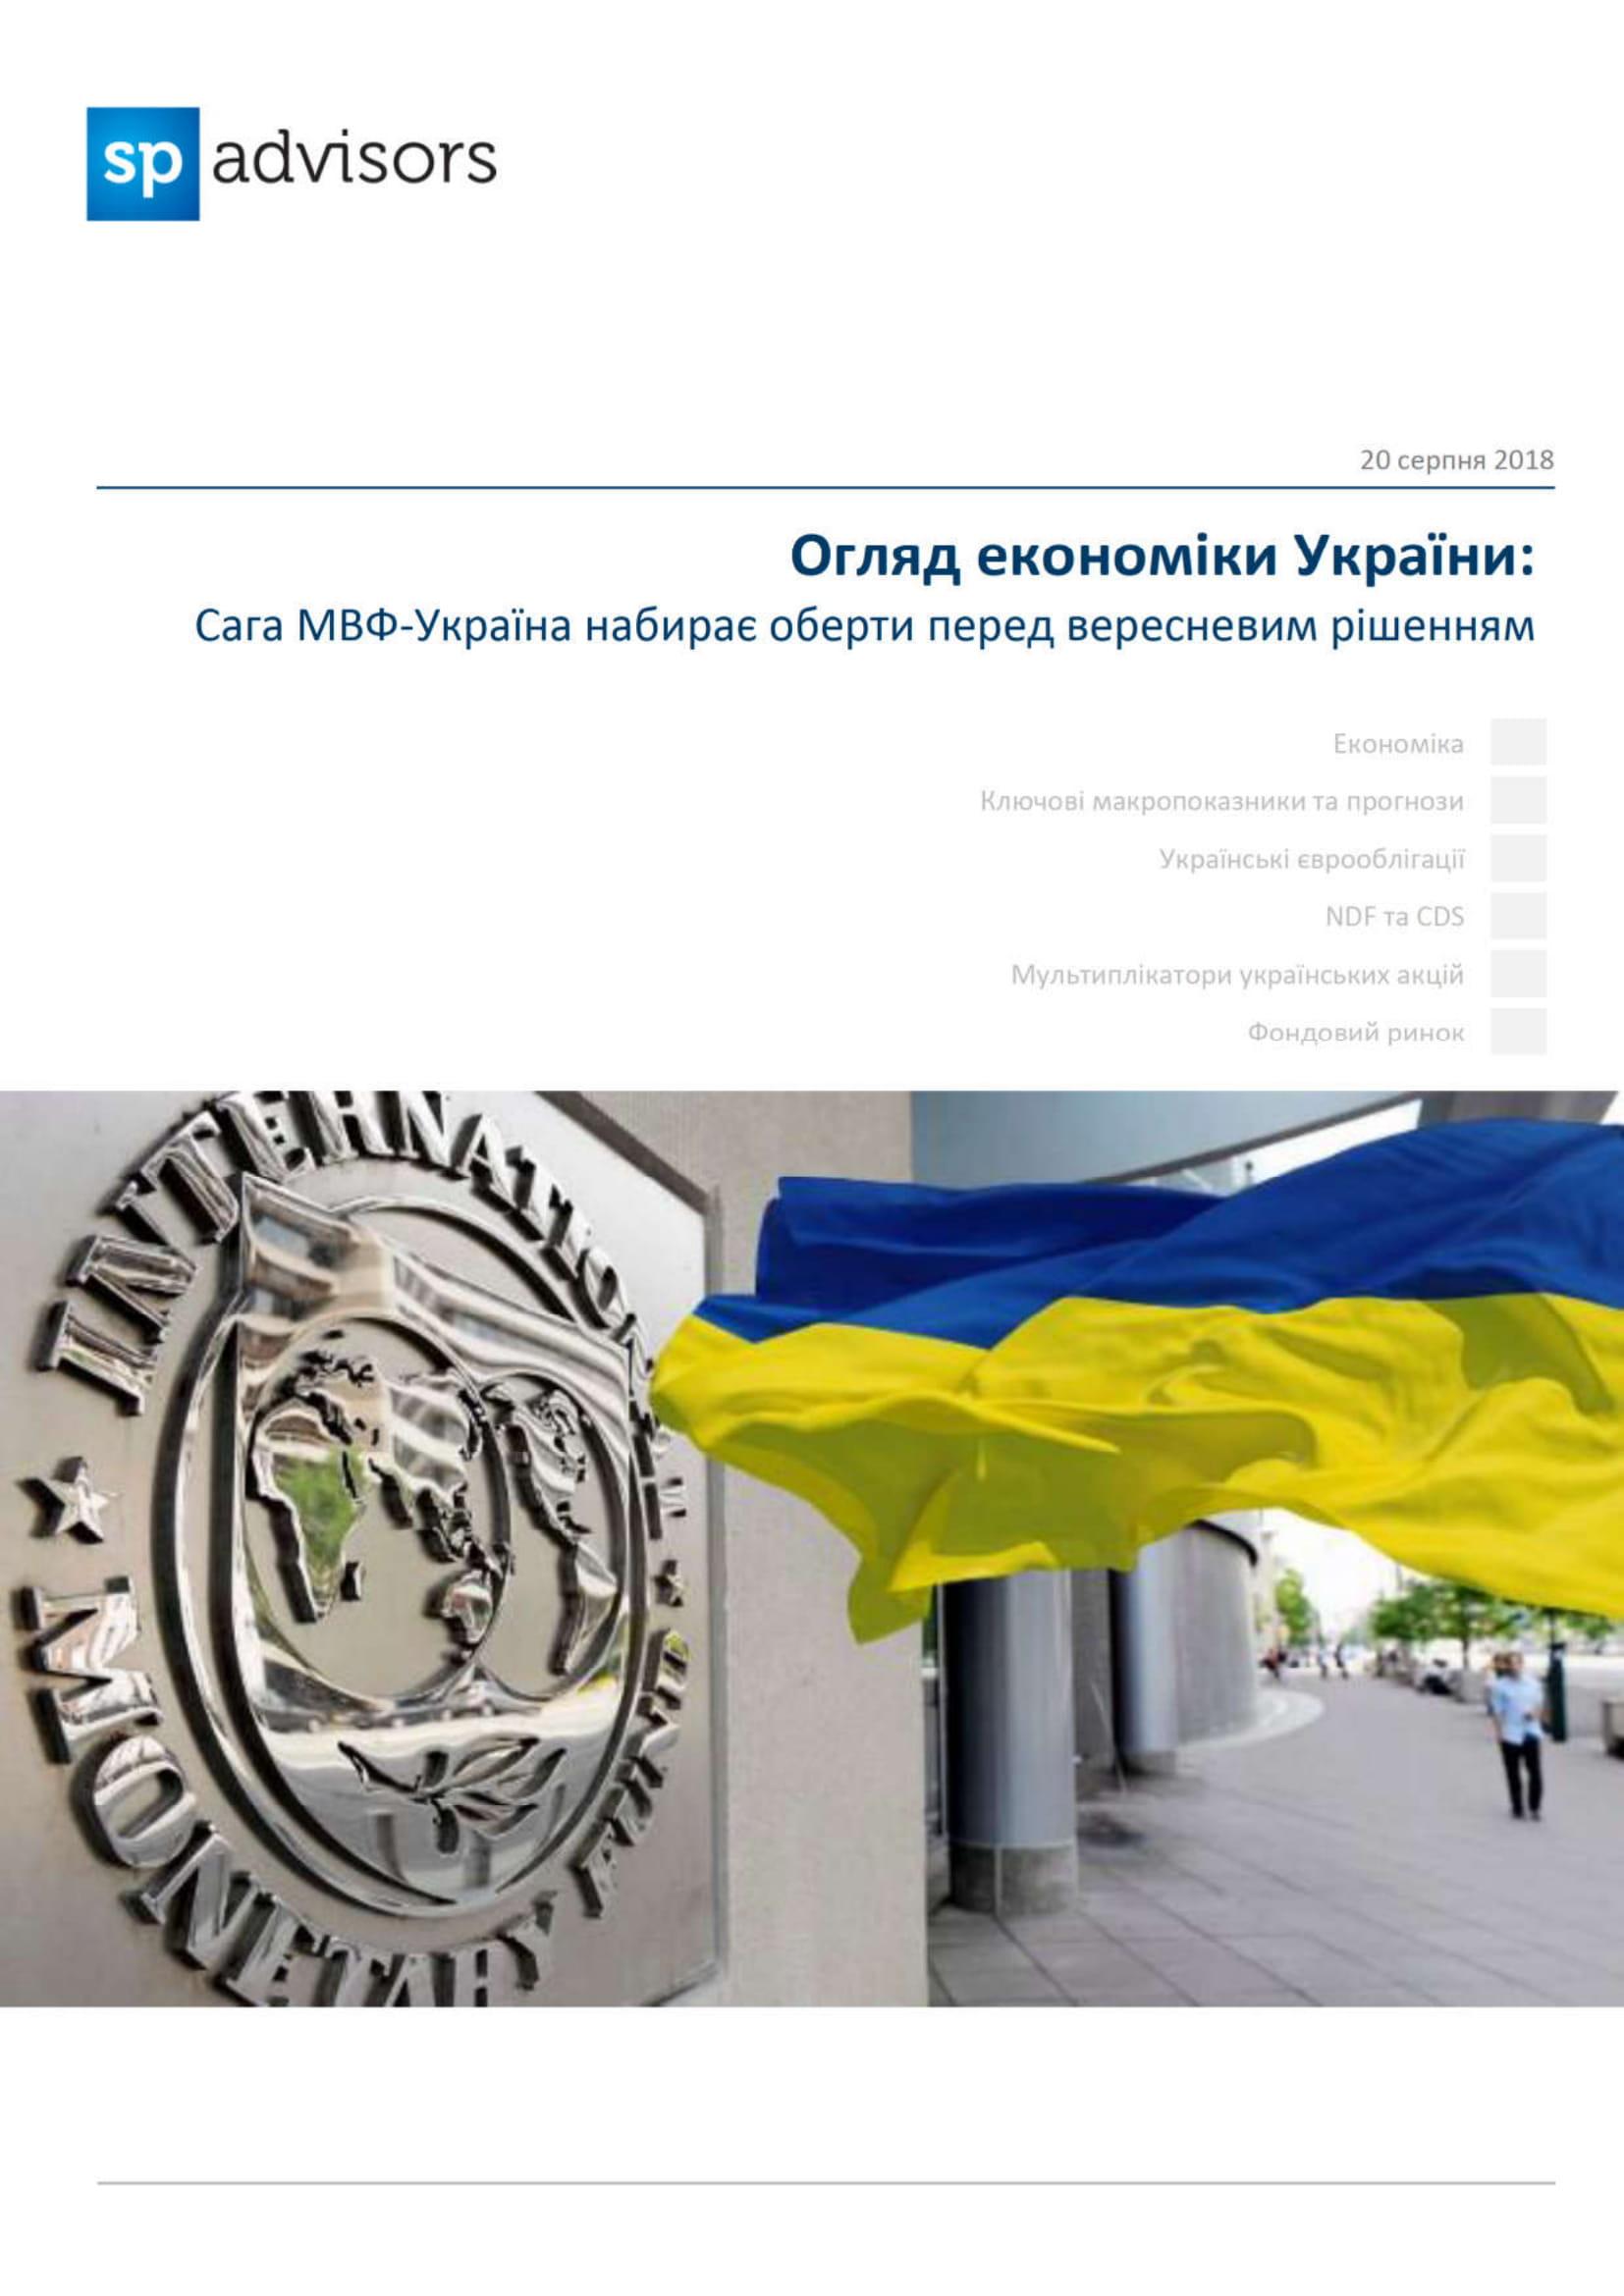 Огляд економіки України: Сага МВФ-Україна набирає оберти перед вересневим рішенням